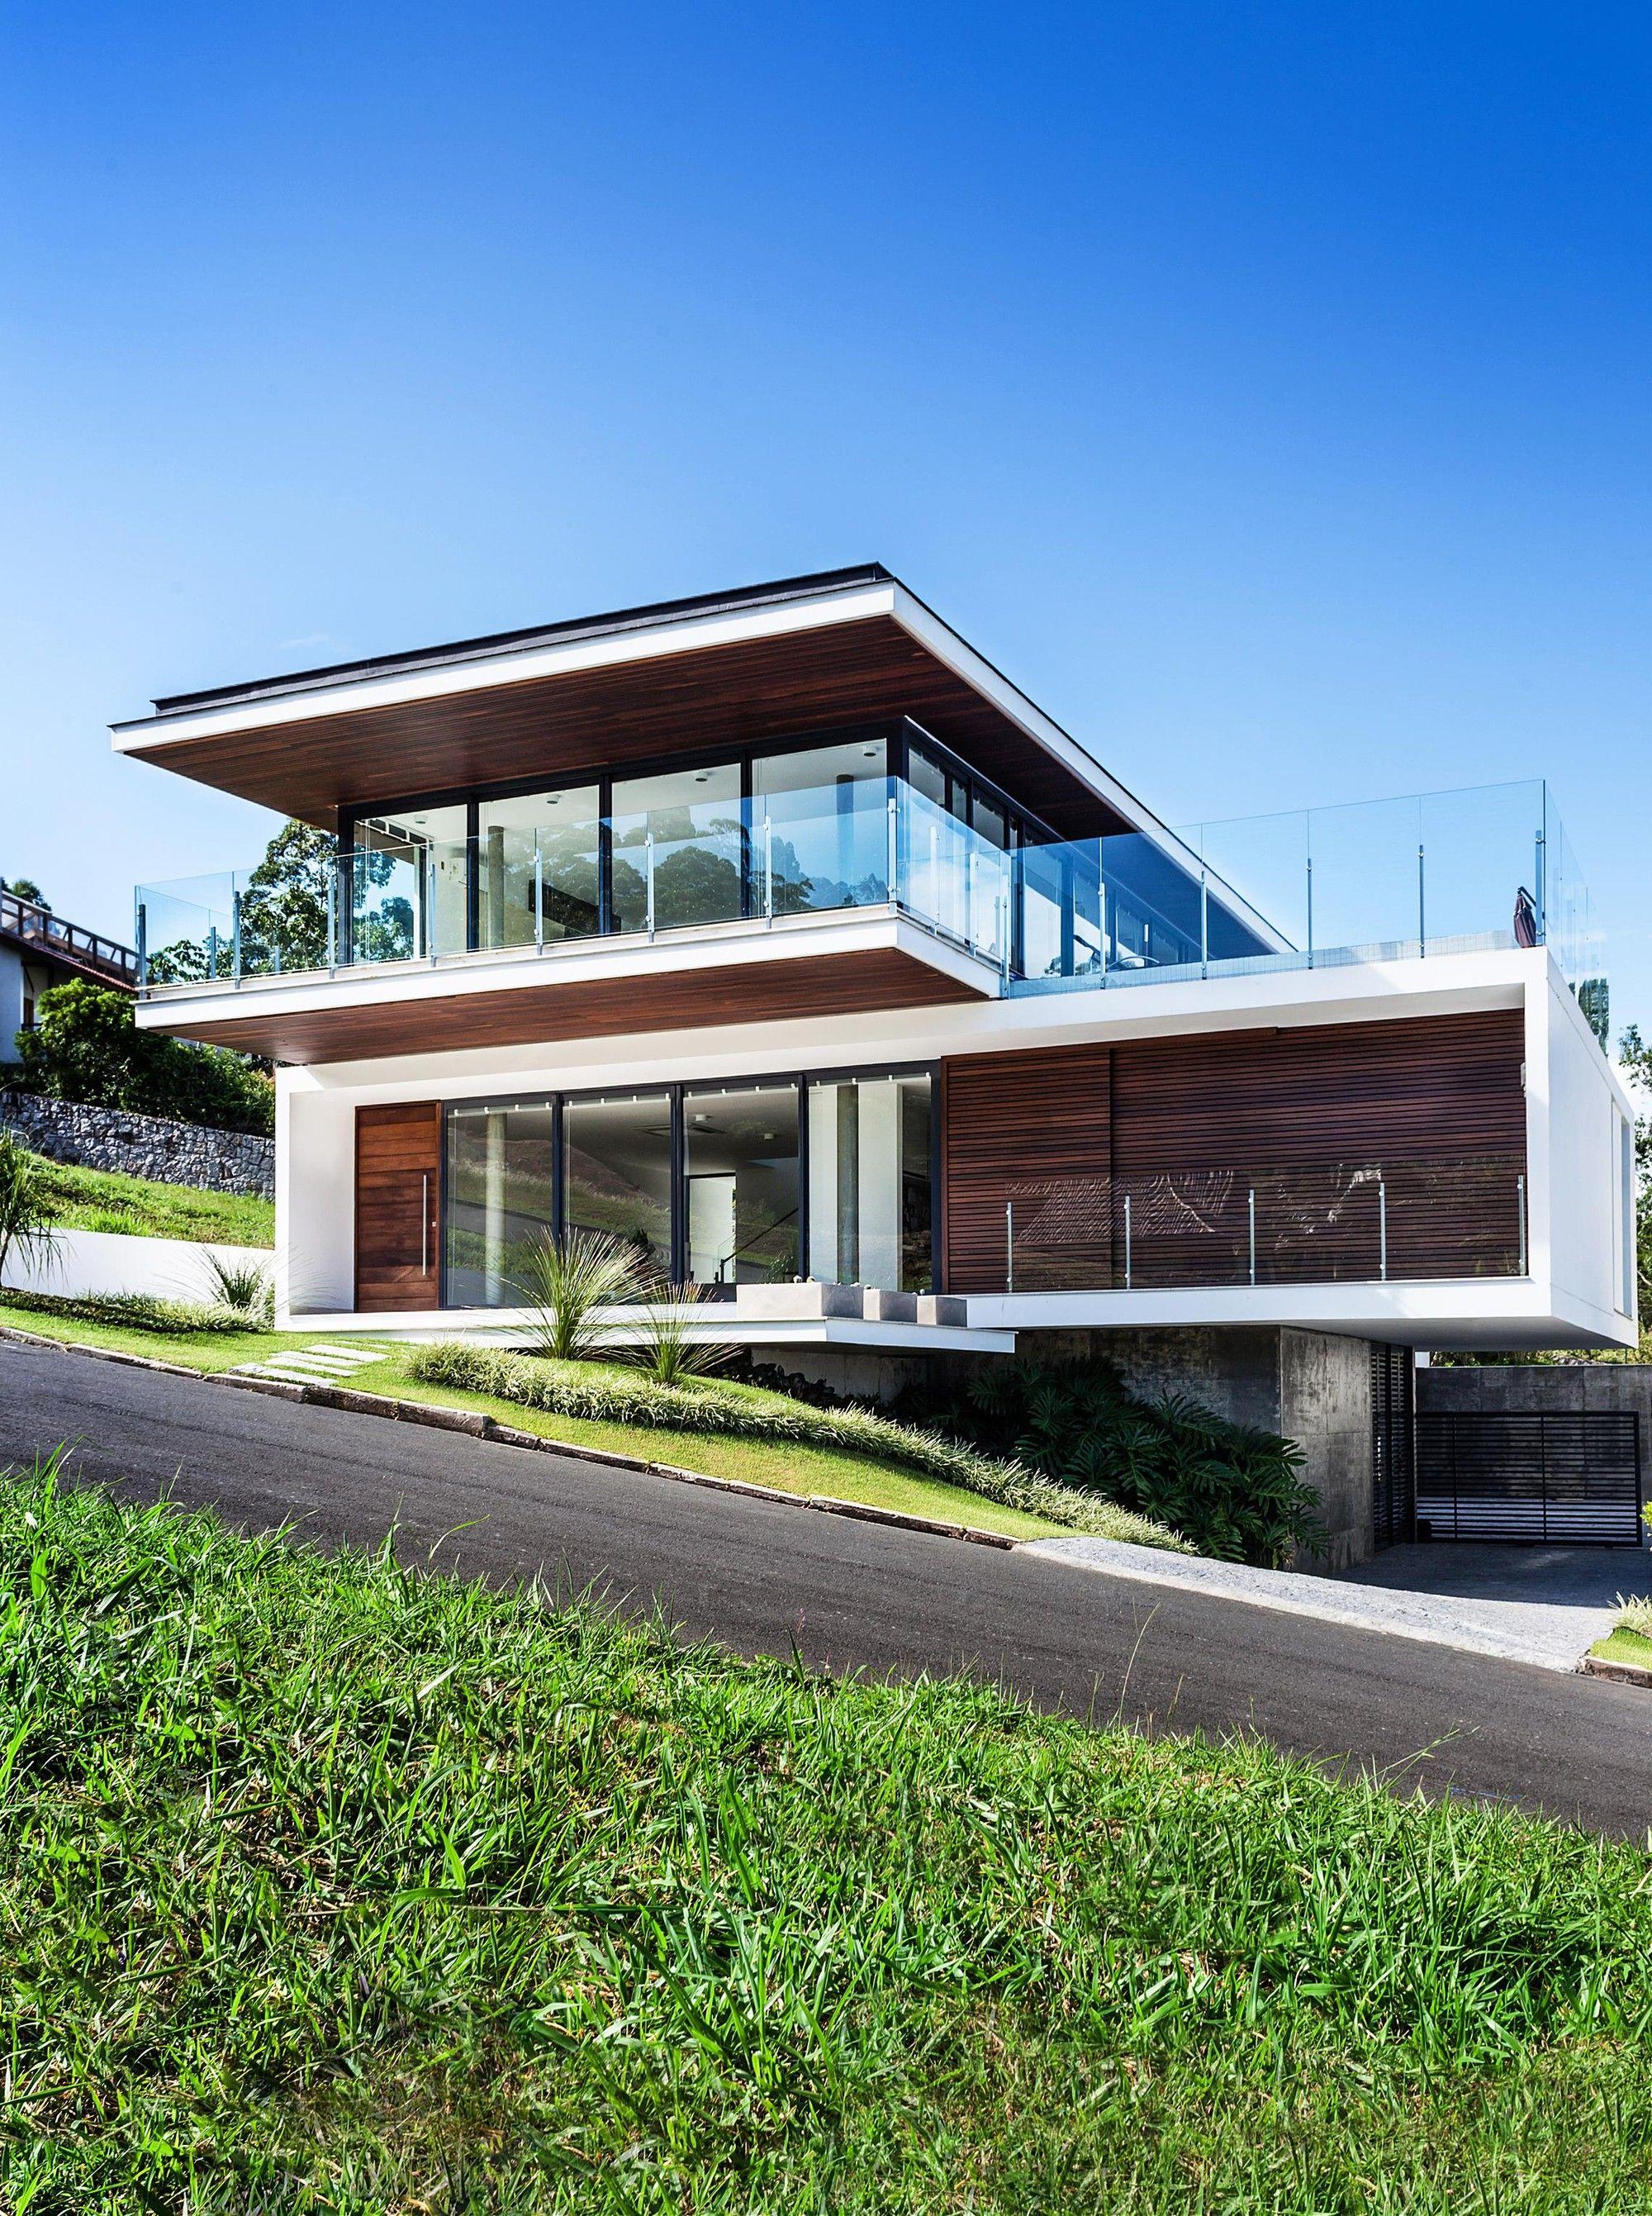 galeria de casa lb jobim carlevaro arquitetos 10 wohnen wie ich mir das vorstelle. Black Bedroom Furniture Sets. Home Design Ideas